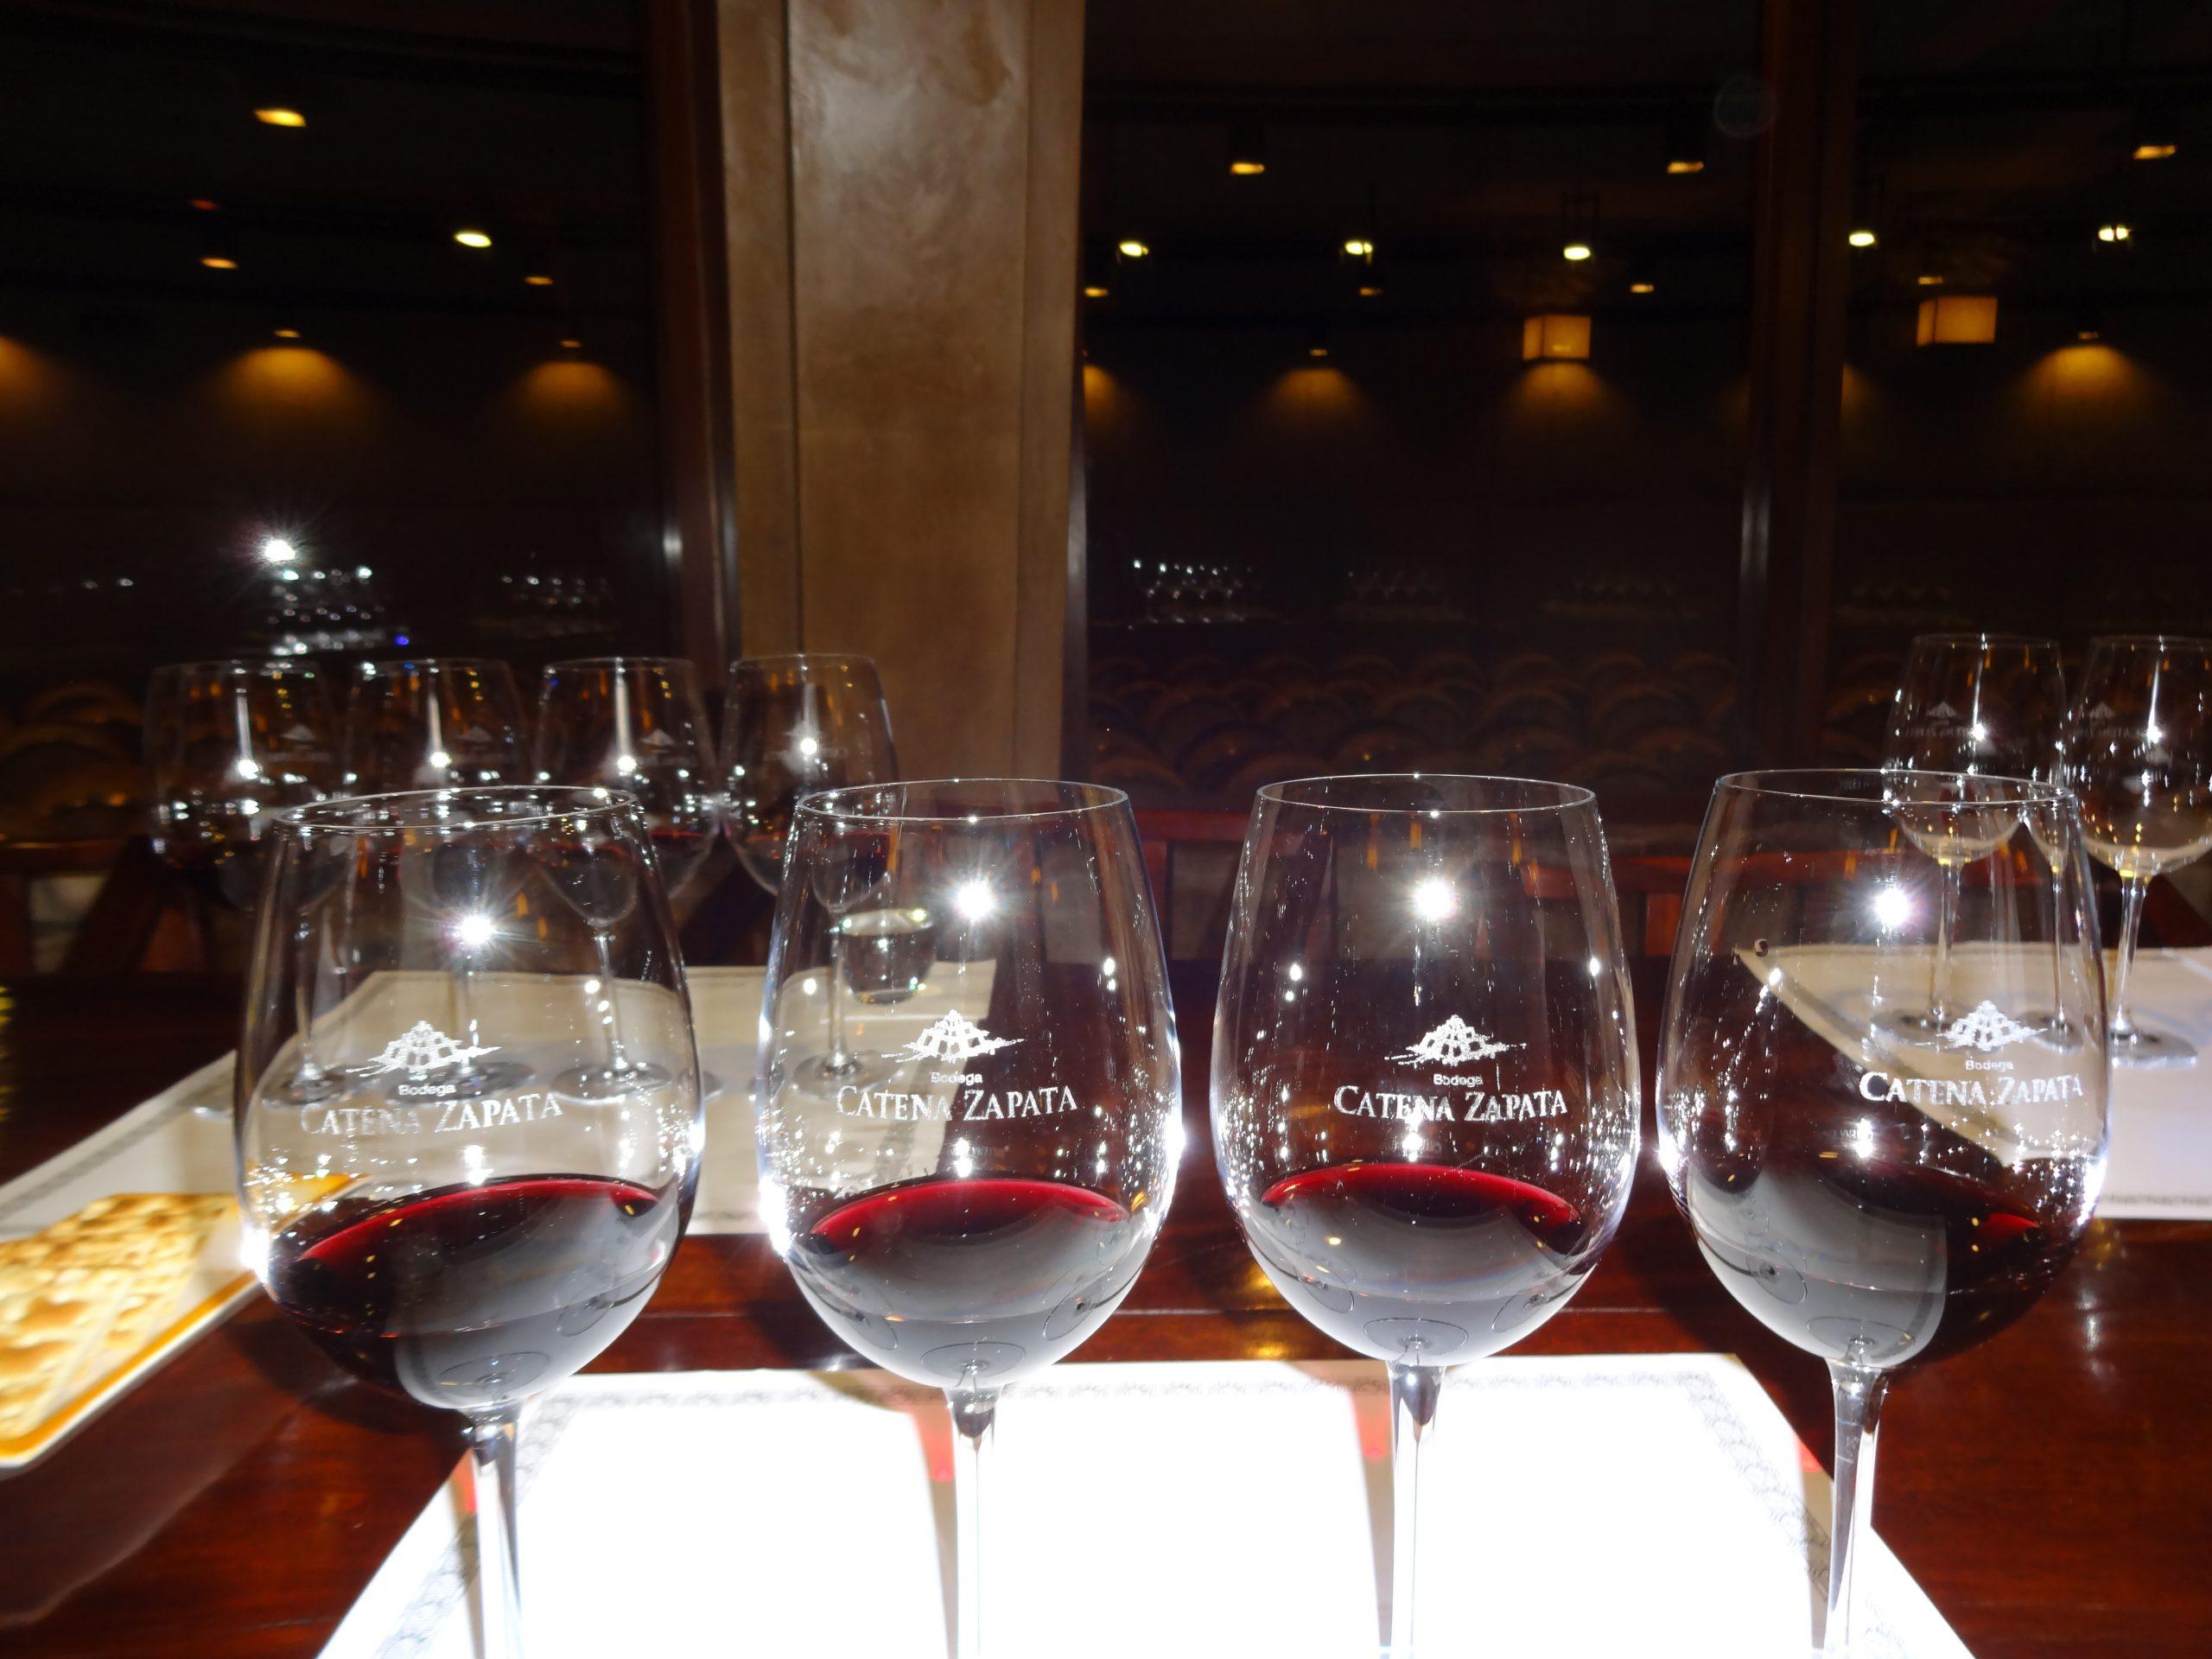 vinhos-catena-zapata